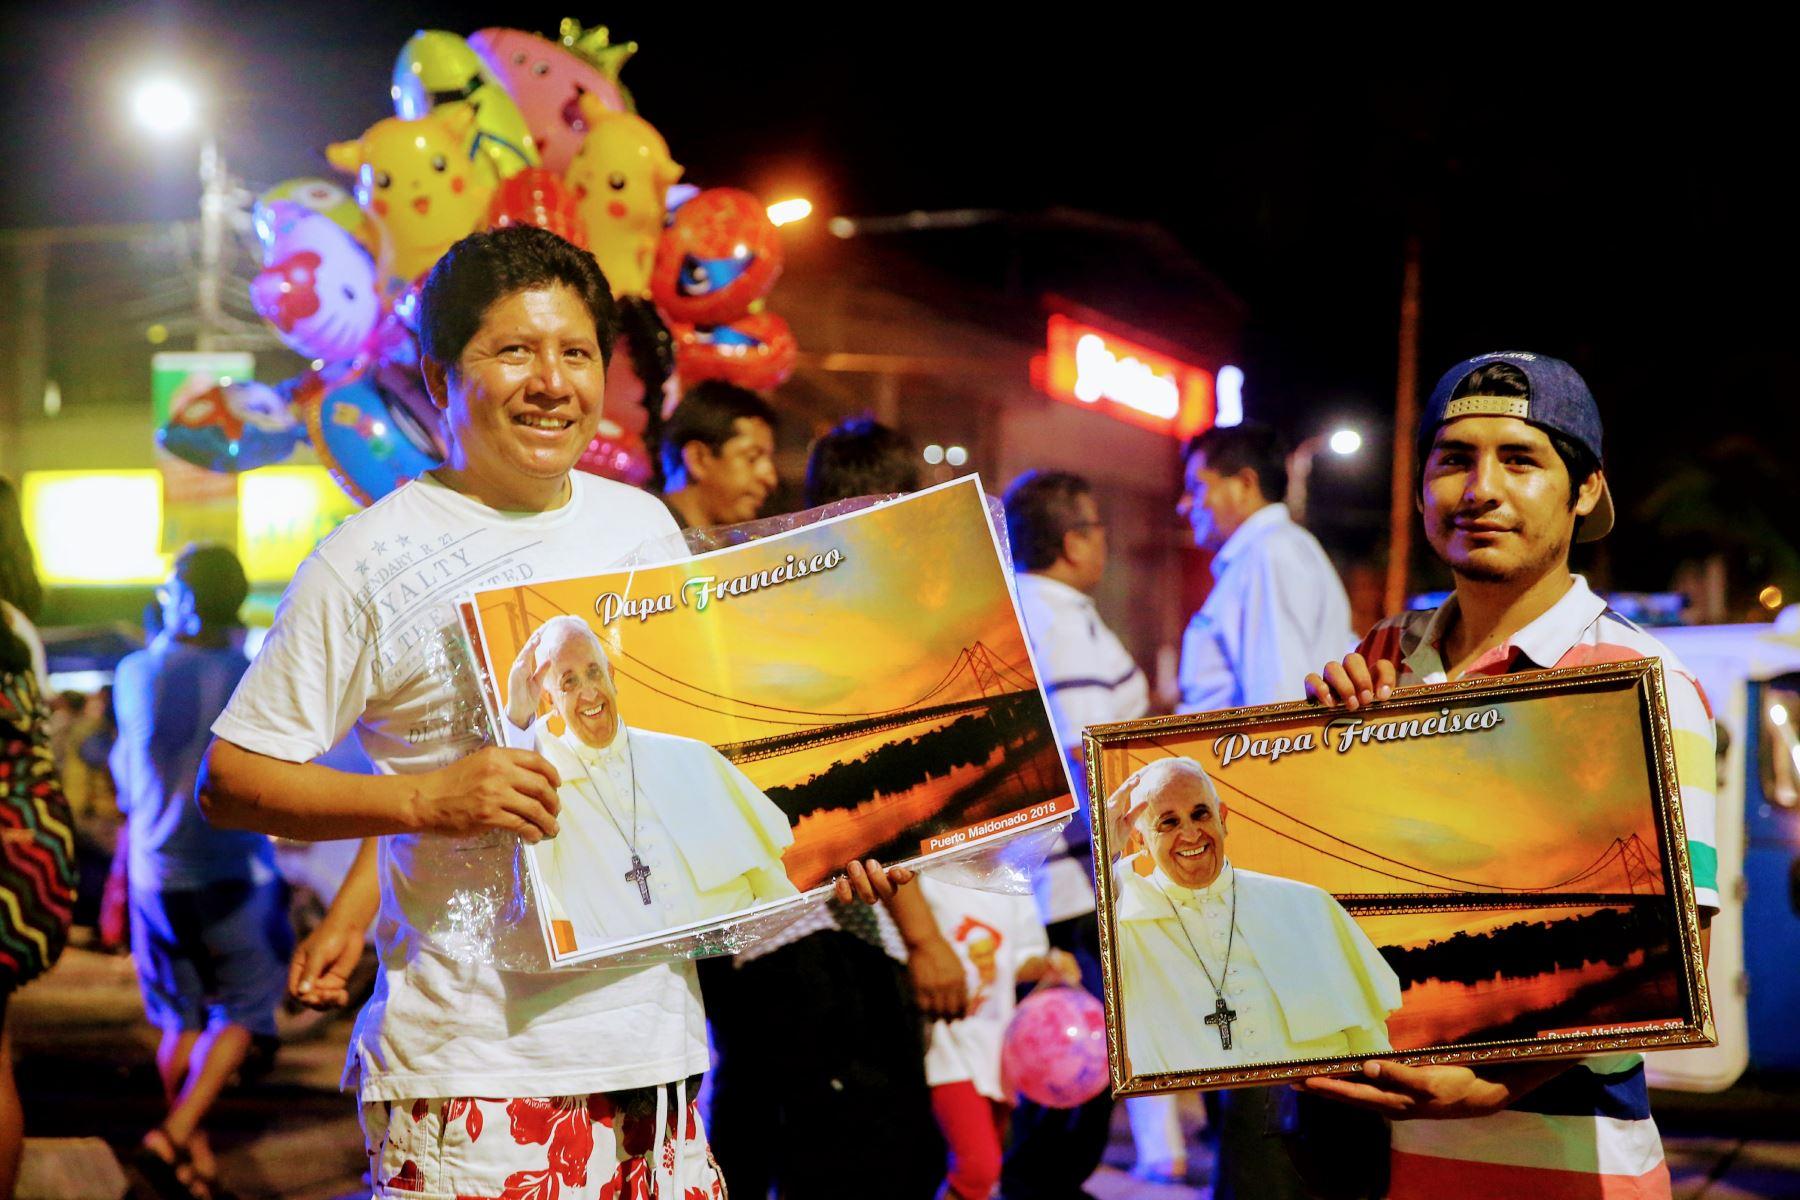 Gran expectativa en Puerto Maldonado por visita del Papa Francisco. Foto: ANDINA/Luis Iparraguirre.